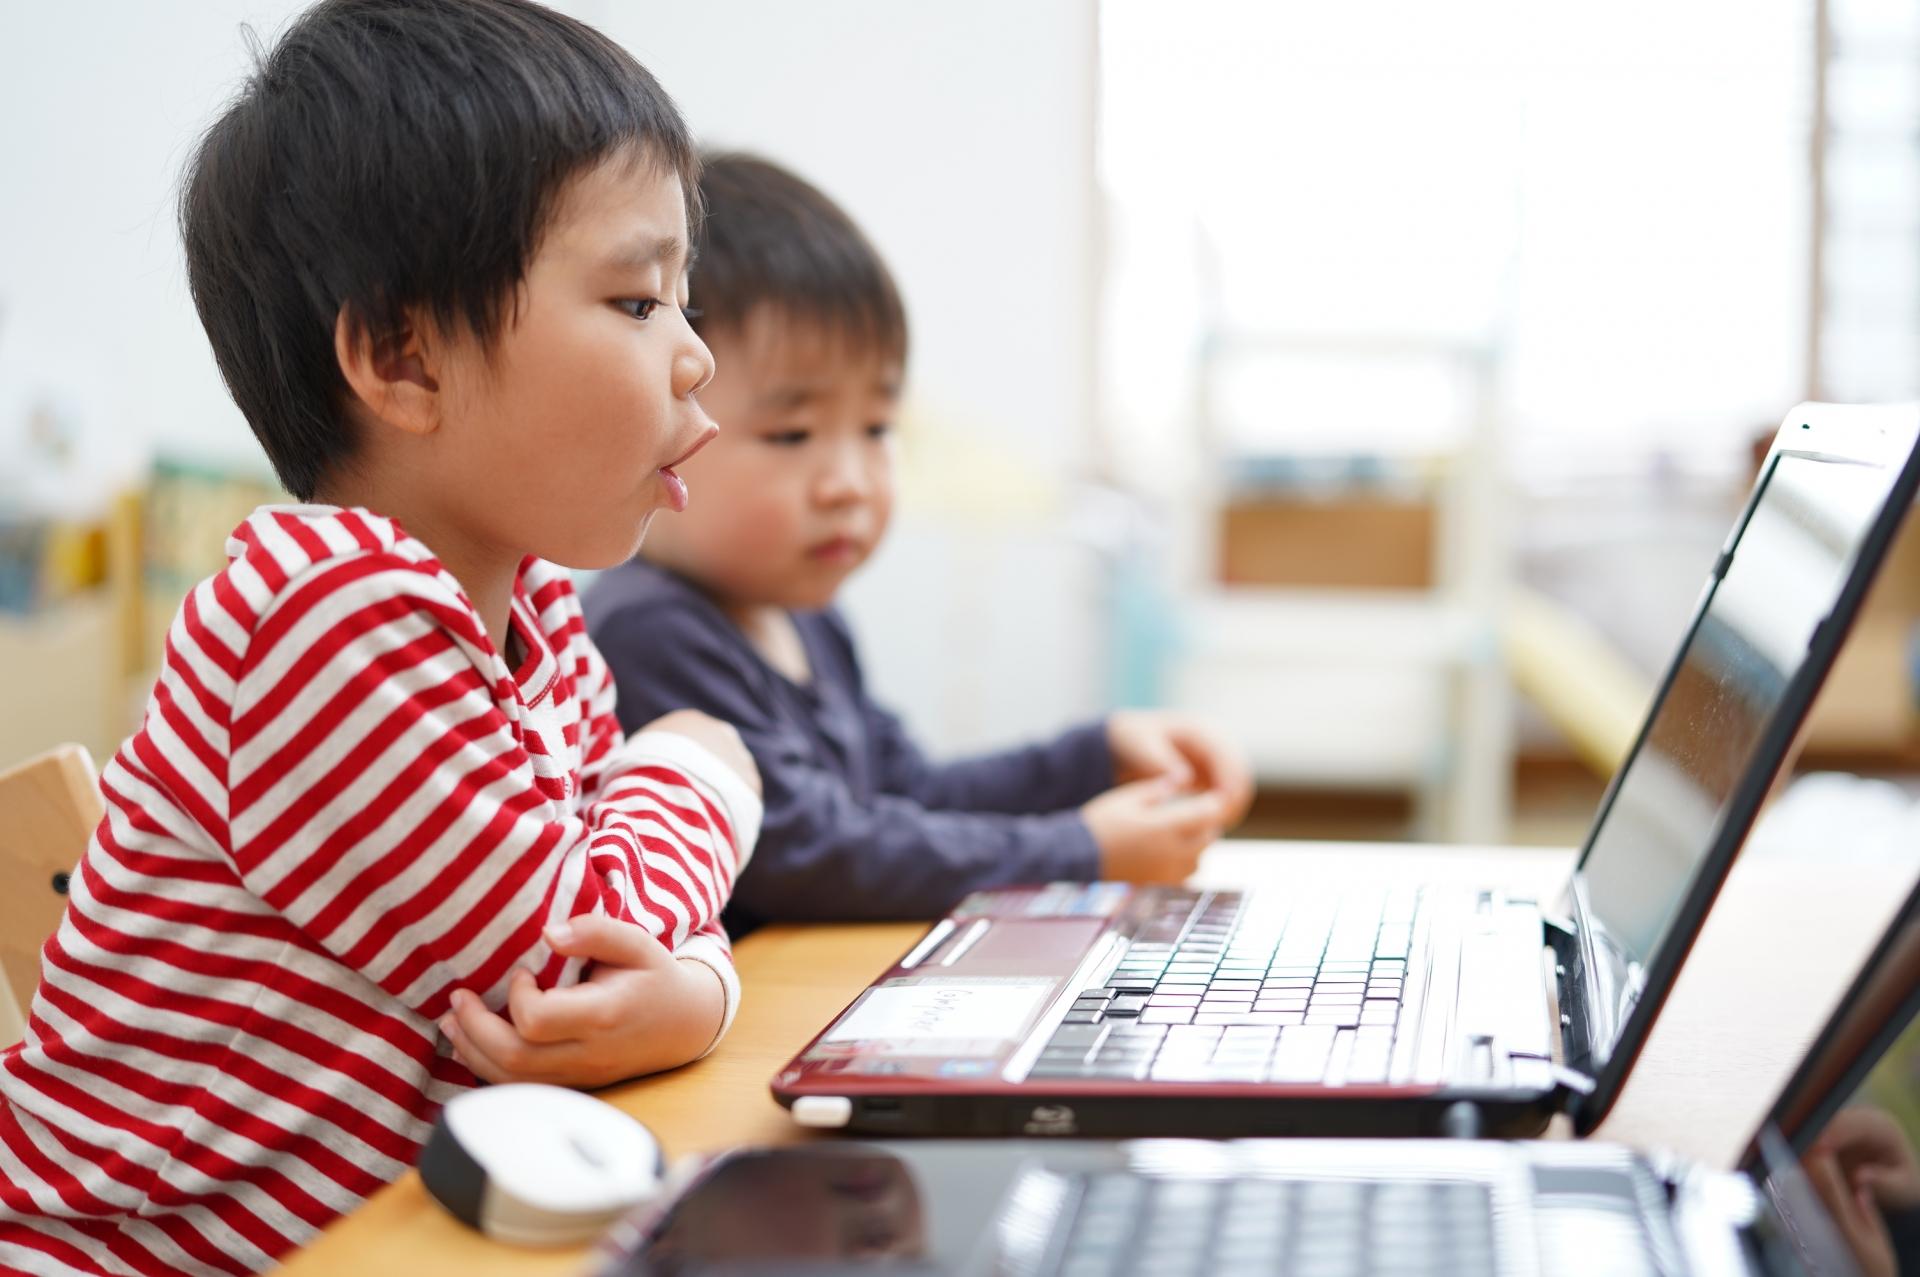 小学校、子供、英語、オンライン授業、コロナウイルス、休校